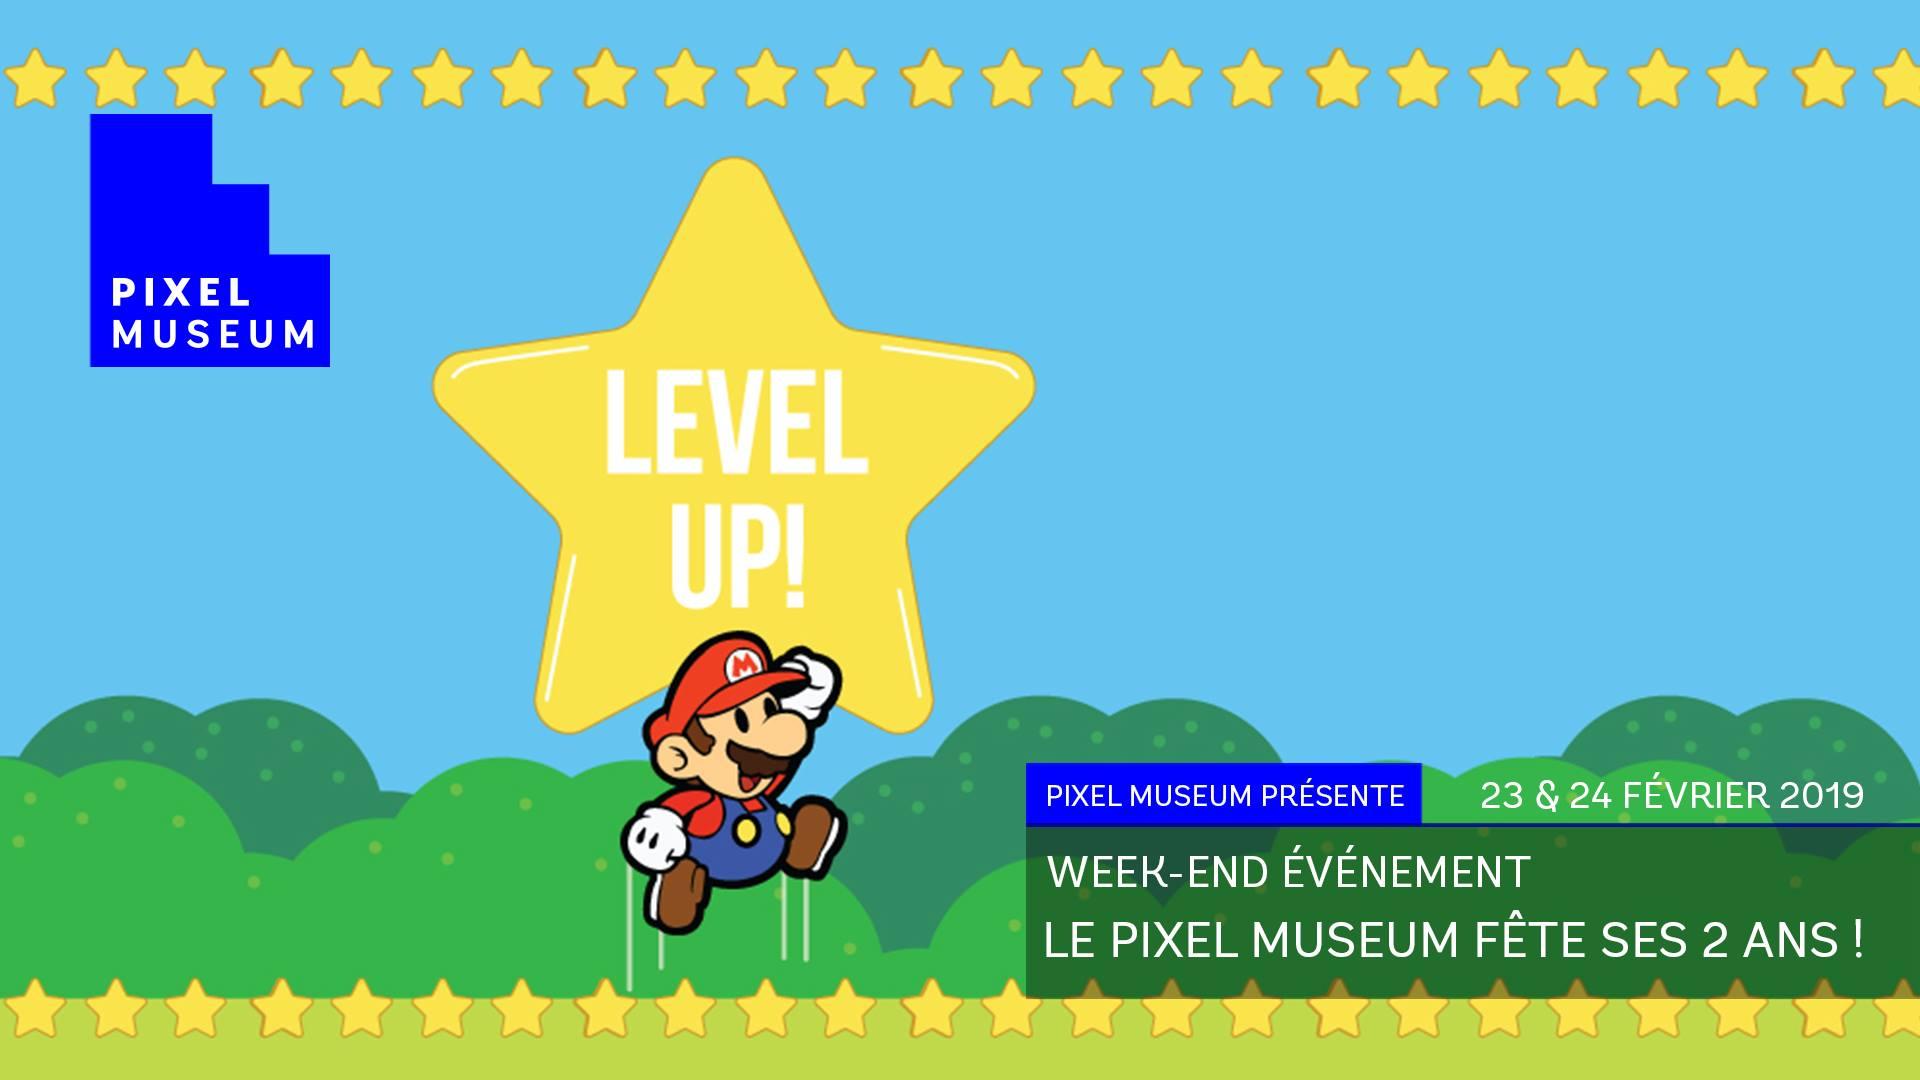 [ÉVÉNEMENT] Le Pixel Museum fête ses 2 ans !